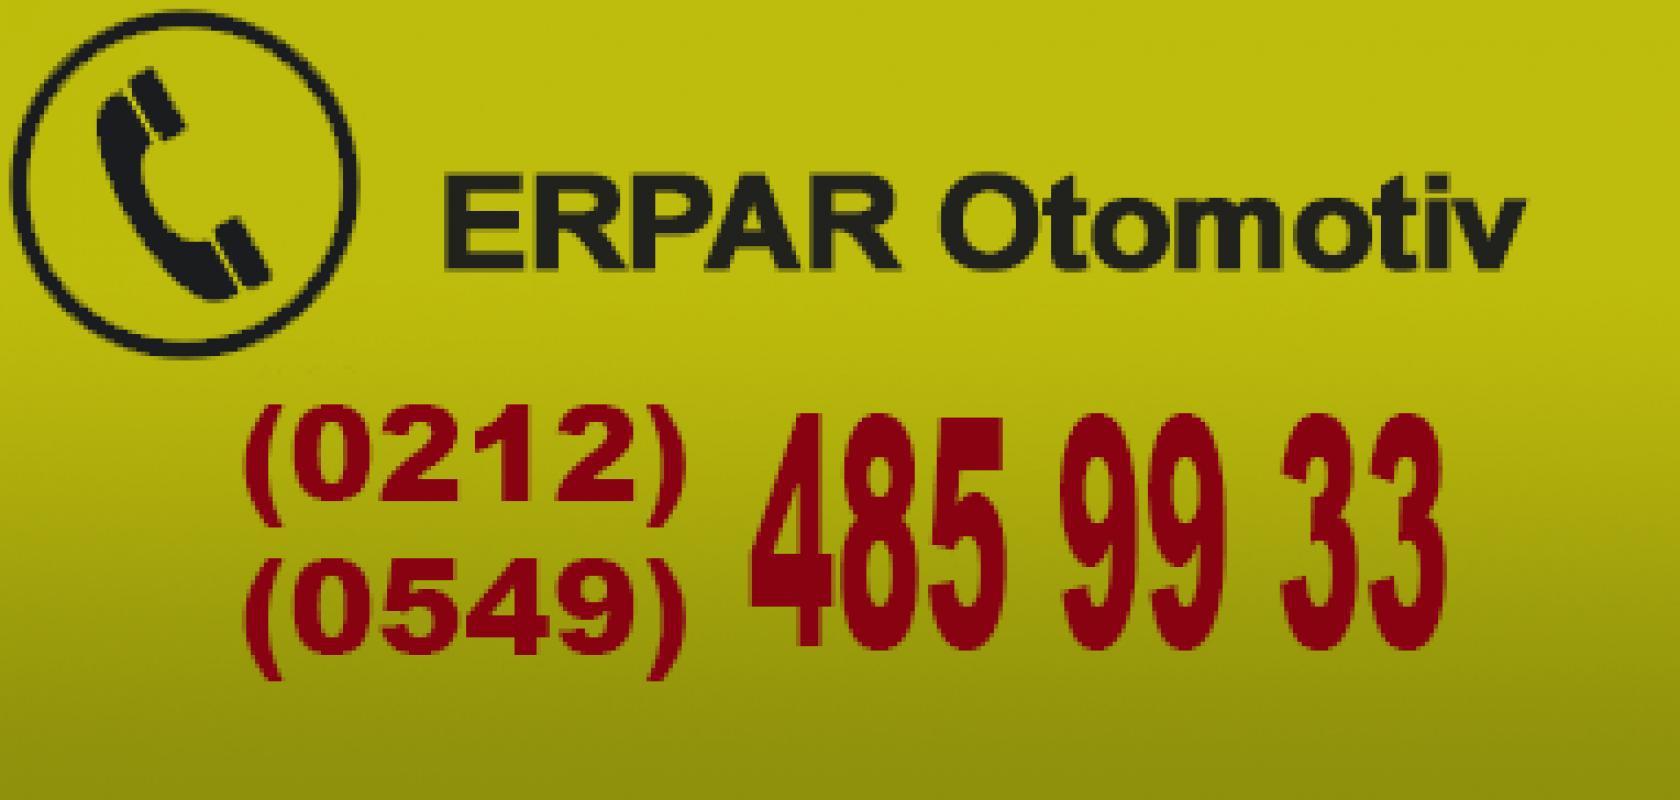 CAPTİVA ÖN TAMPON 2009-2011 MODEL